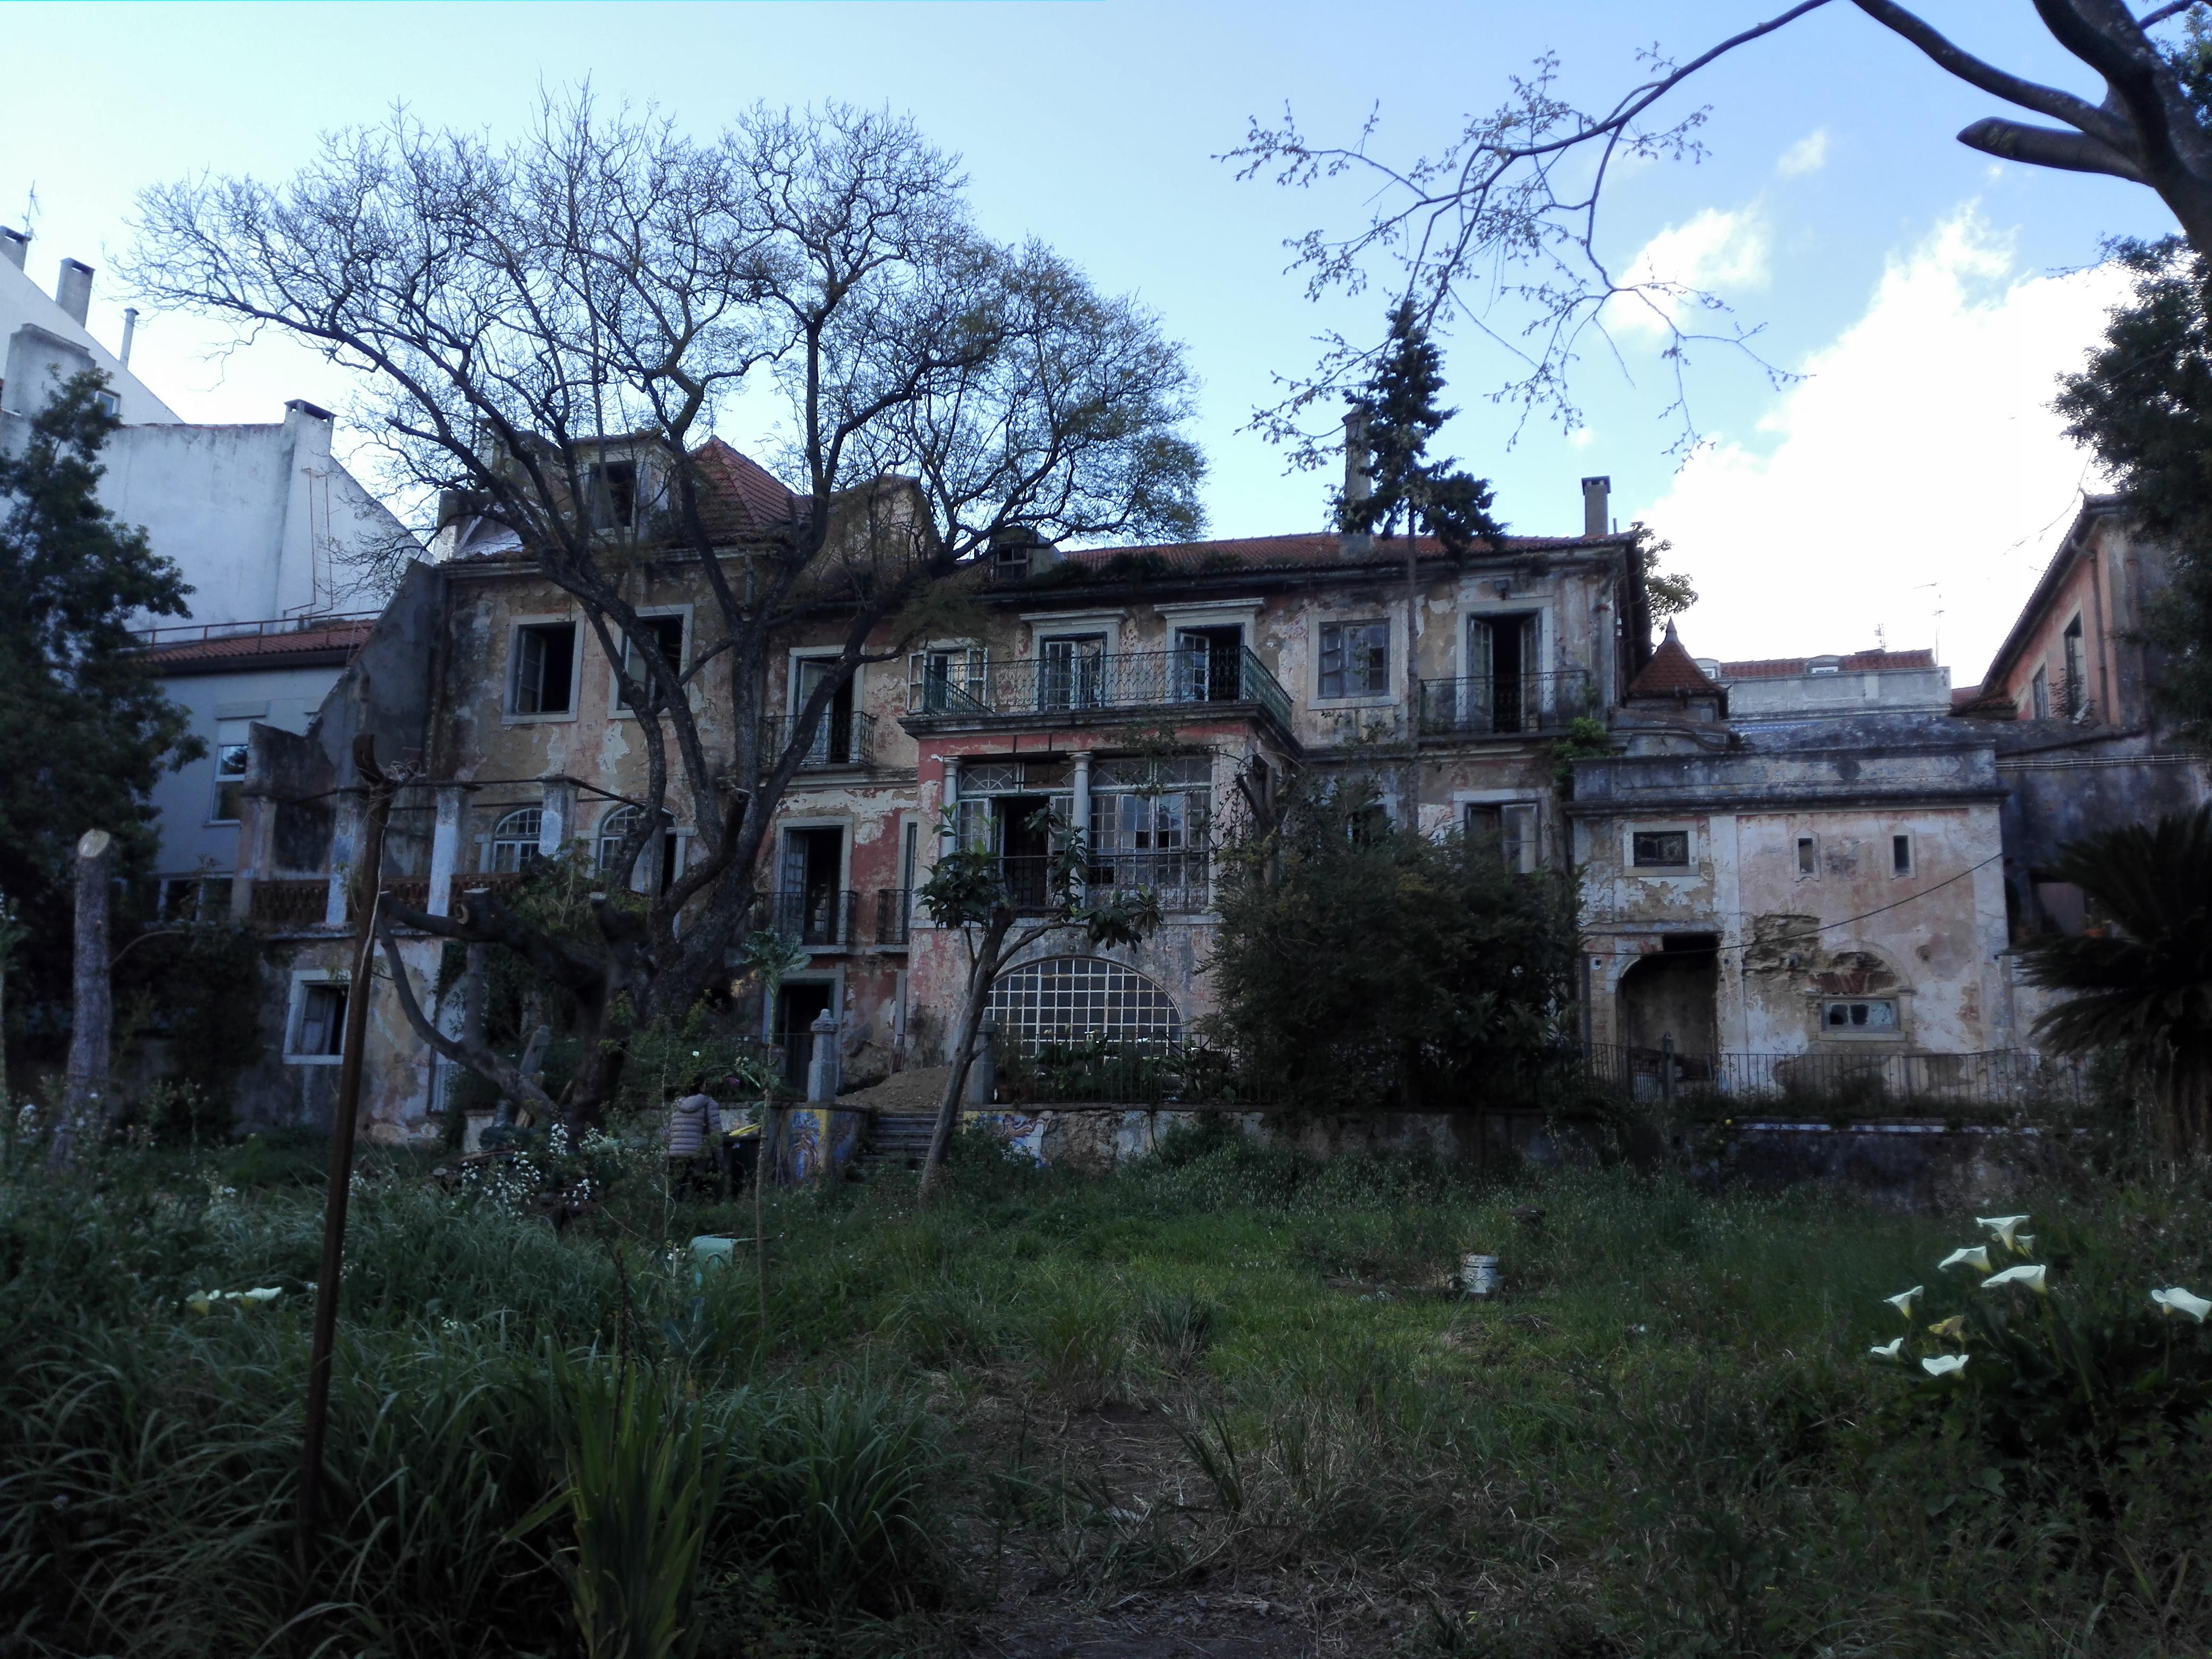 Palacete do século XIX na Rua Saraiva de Carvalho, em Campo de Ourique / Magellimo Real Estate Projet Management